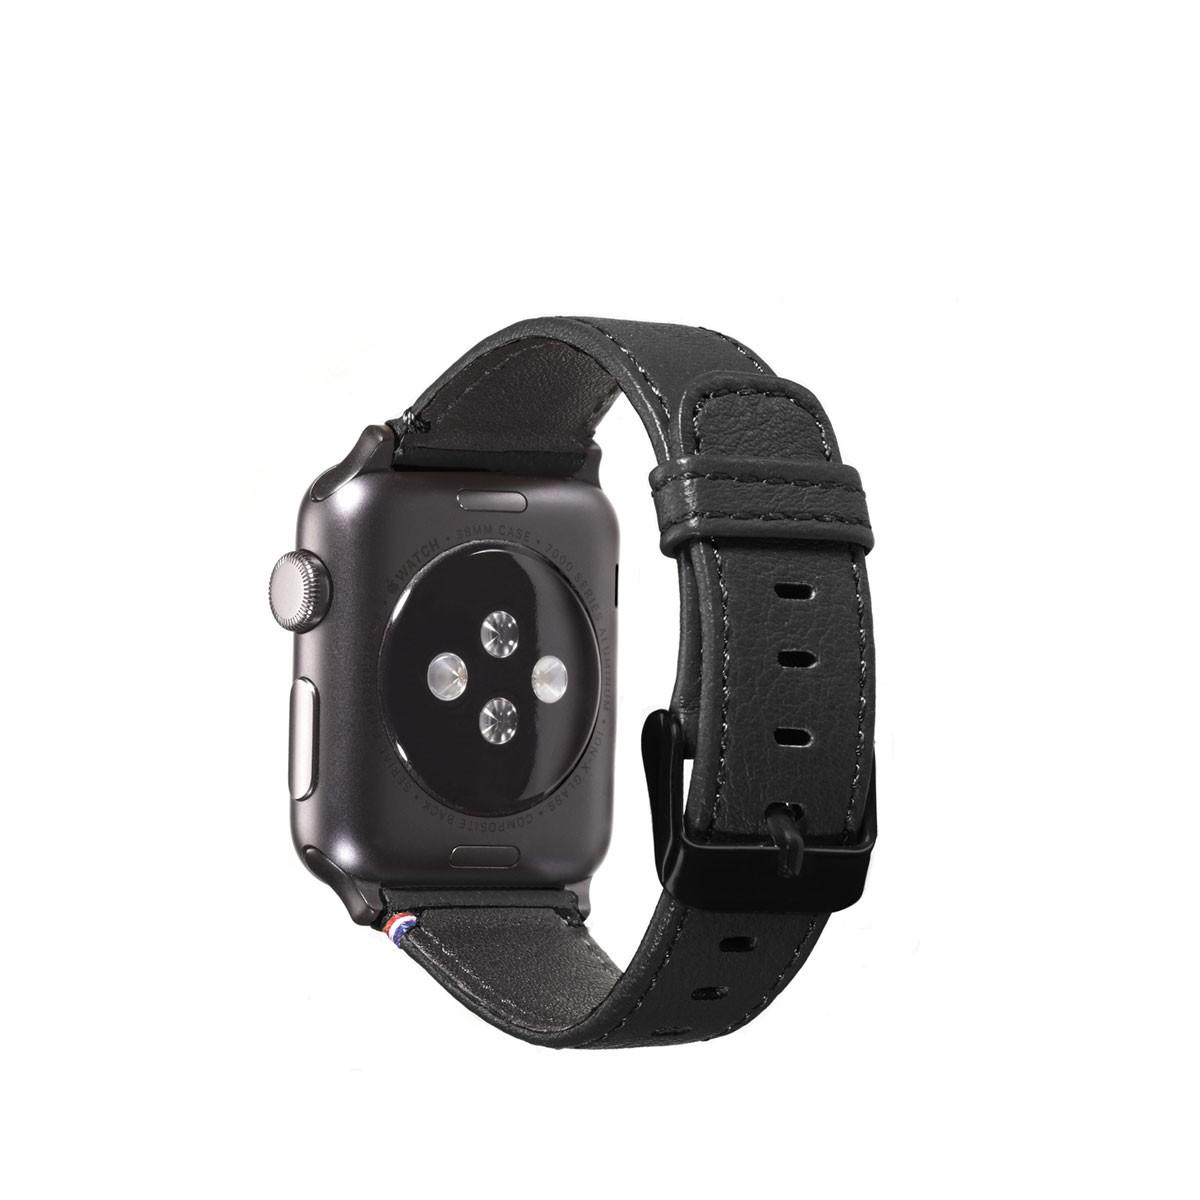 Черна кожена каишка Decoded за Apple Watch - 38 мм